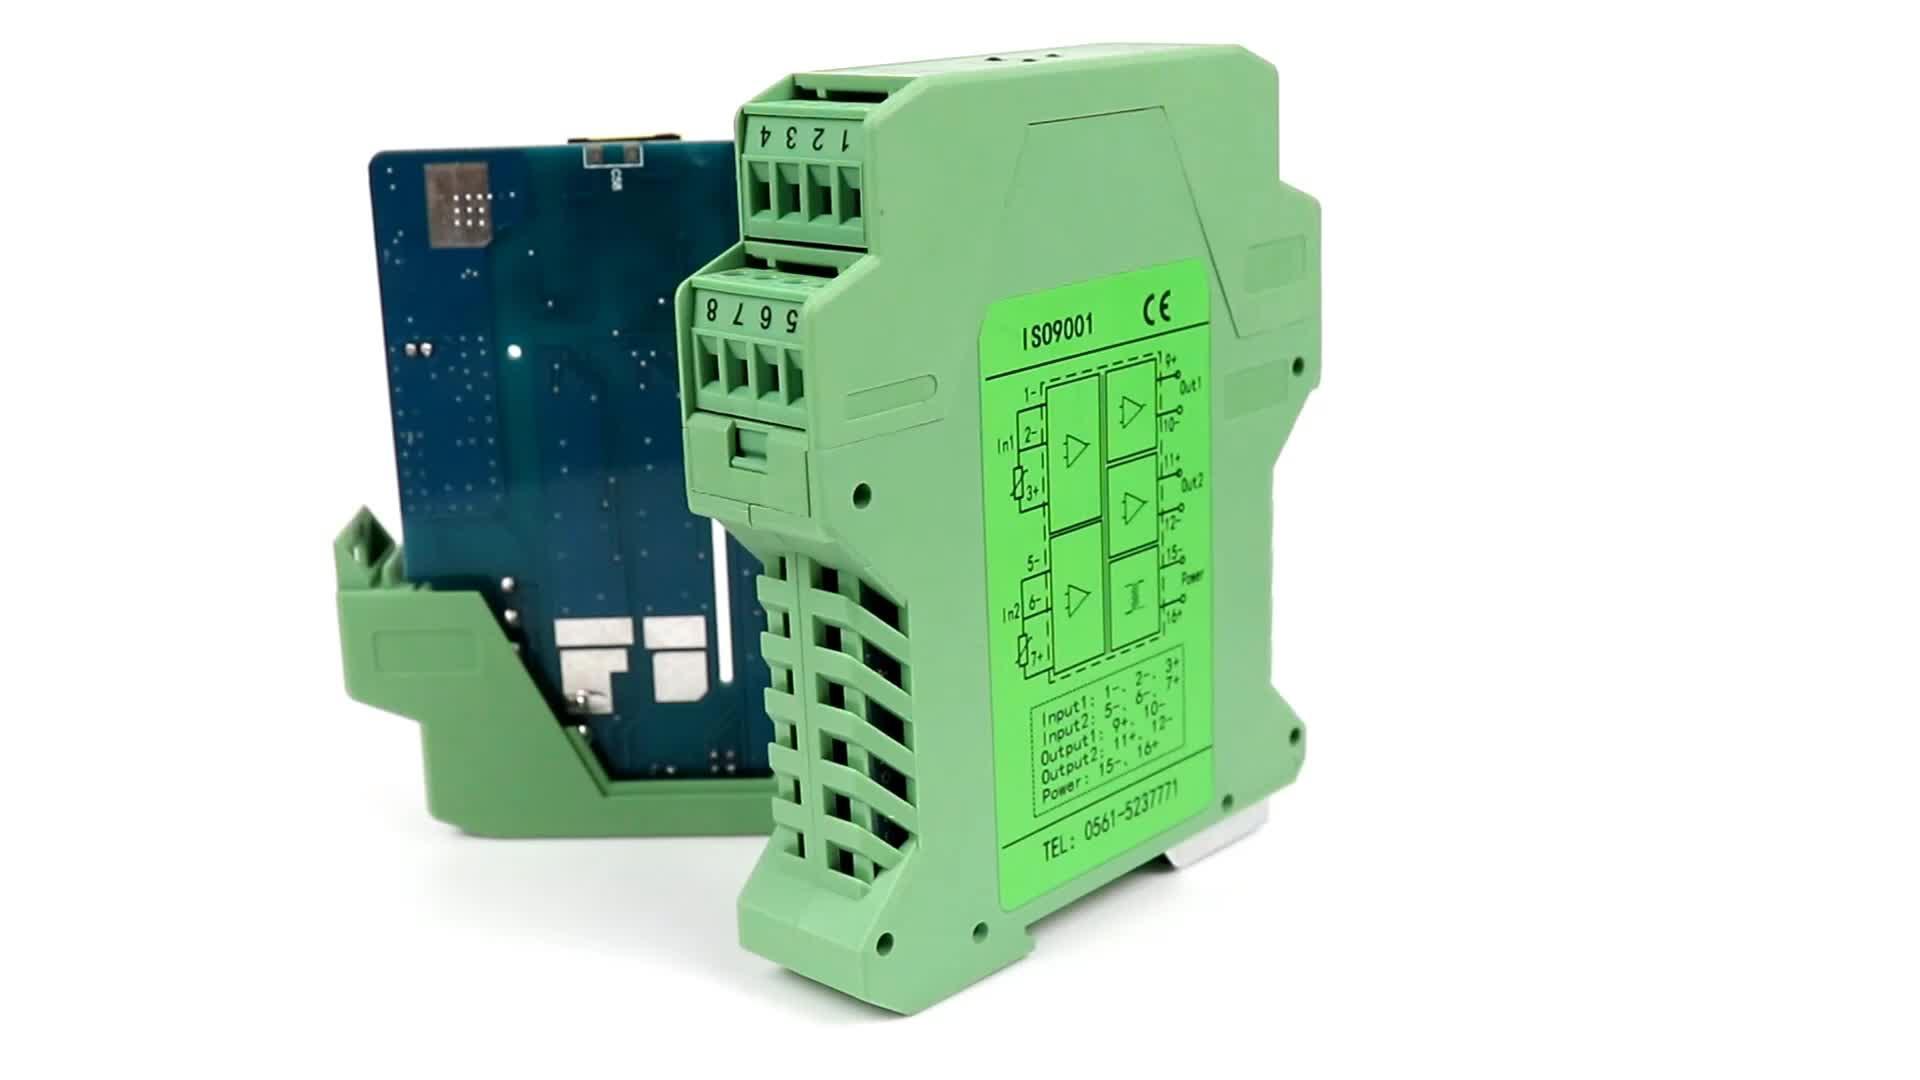 Tc résistance thermique isolateur de signal RDT pt100 température isolateur avec 4-20ma sortie